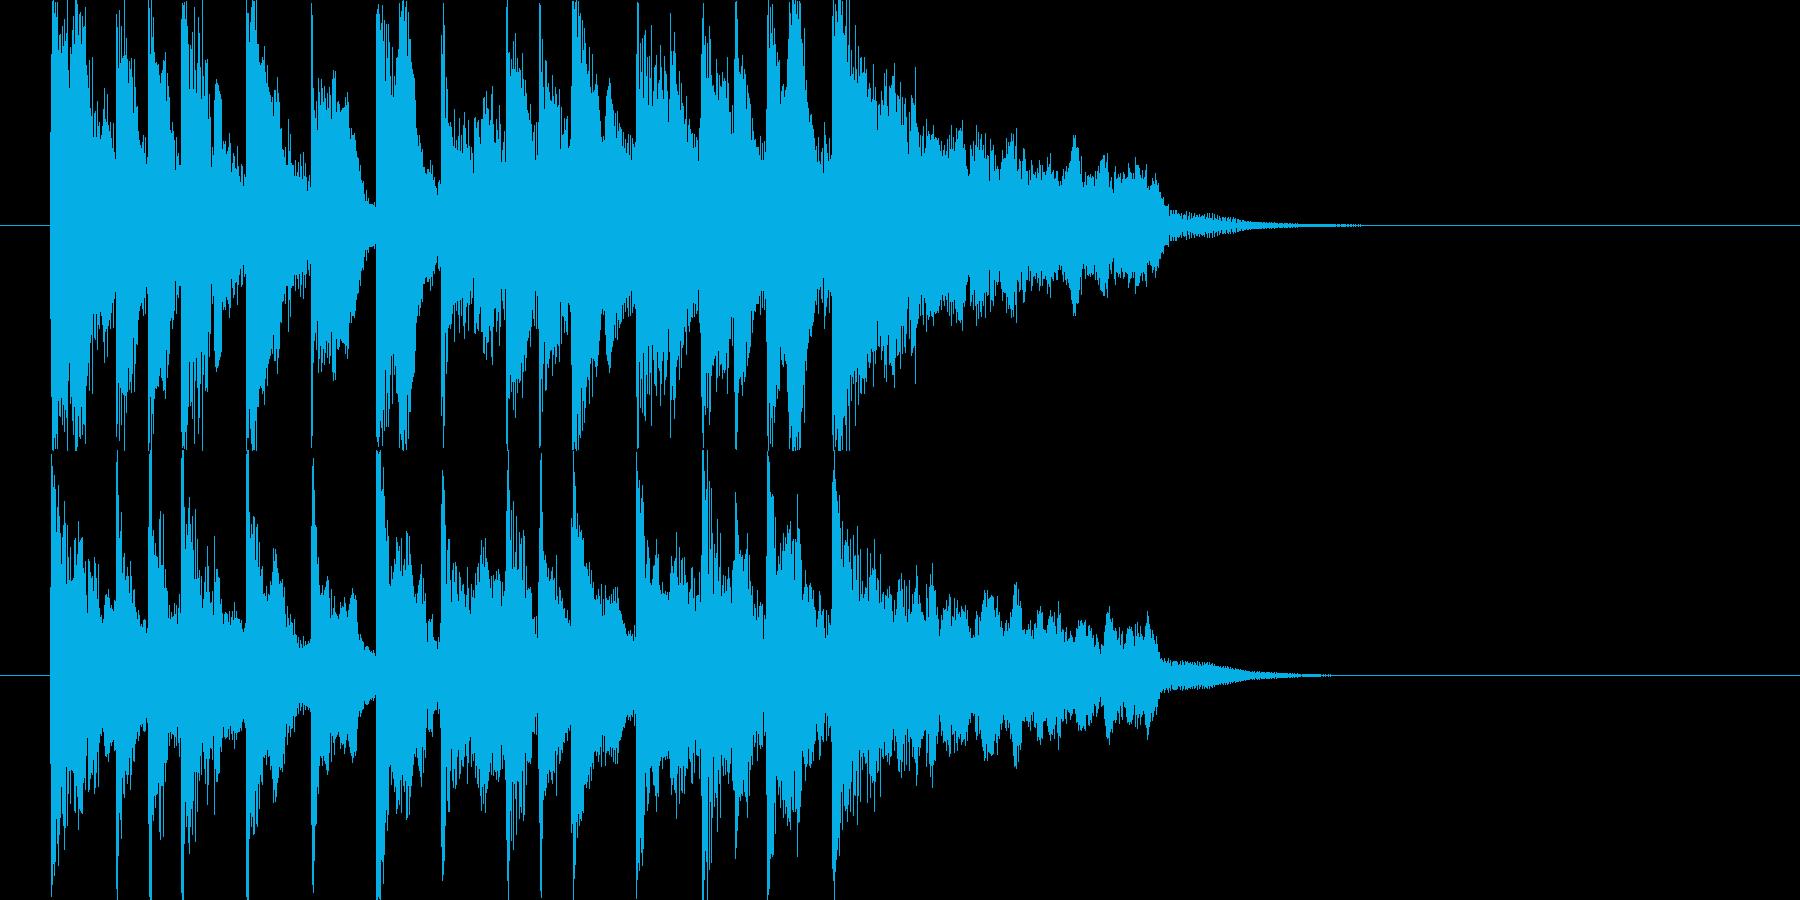 場面切り替え等 ほのぼのジングル和楽J6の再生済みの波形